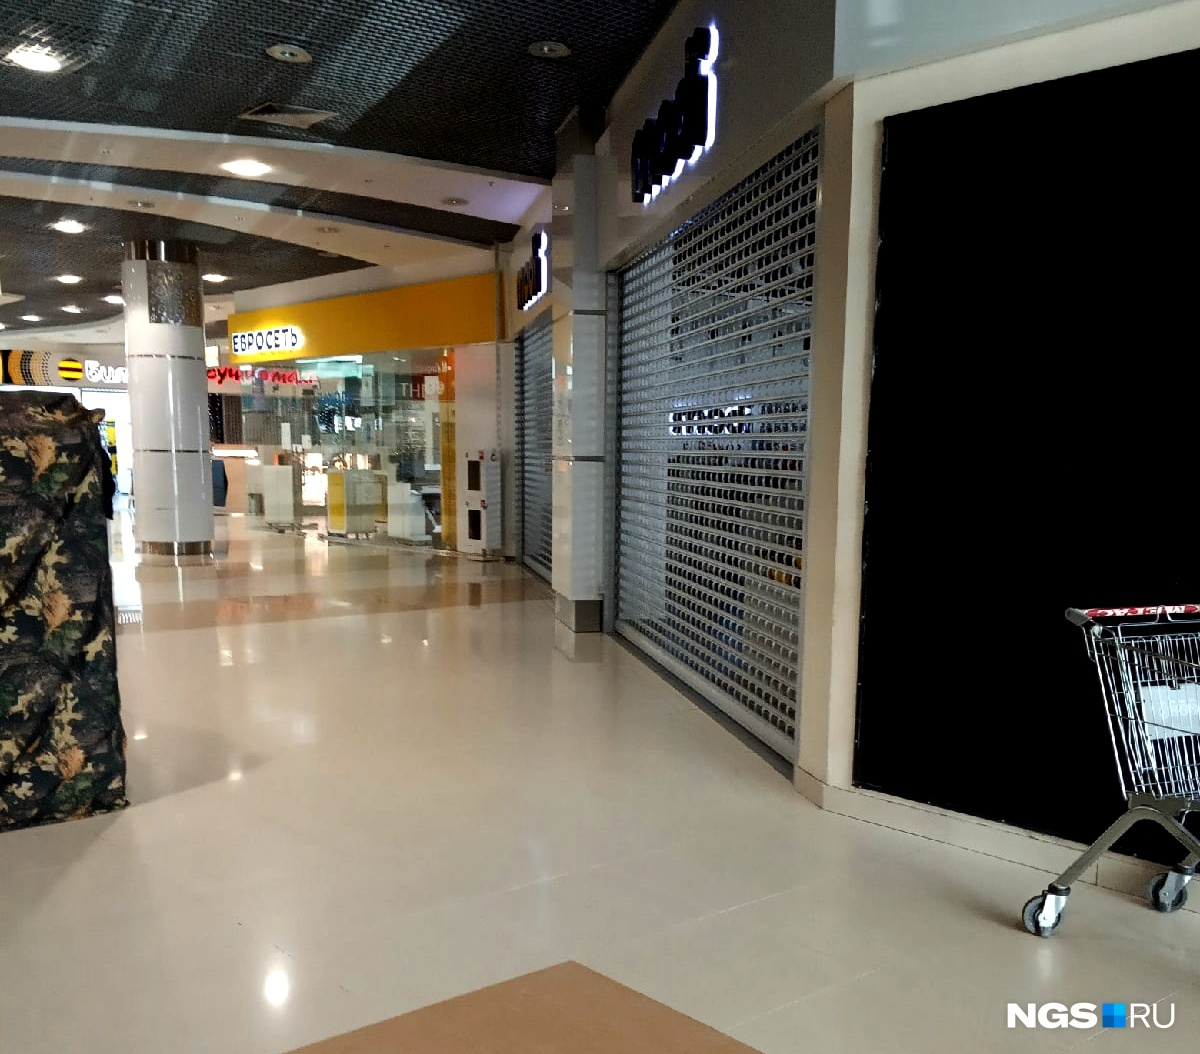 Ко вторнику магазины в «Сан Сити» закрылись даже на первом этаже